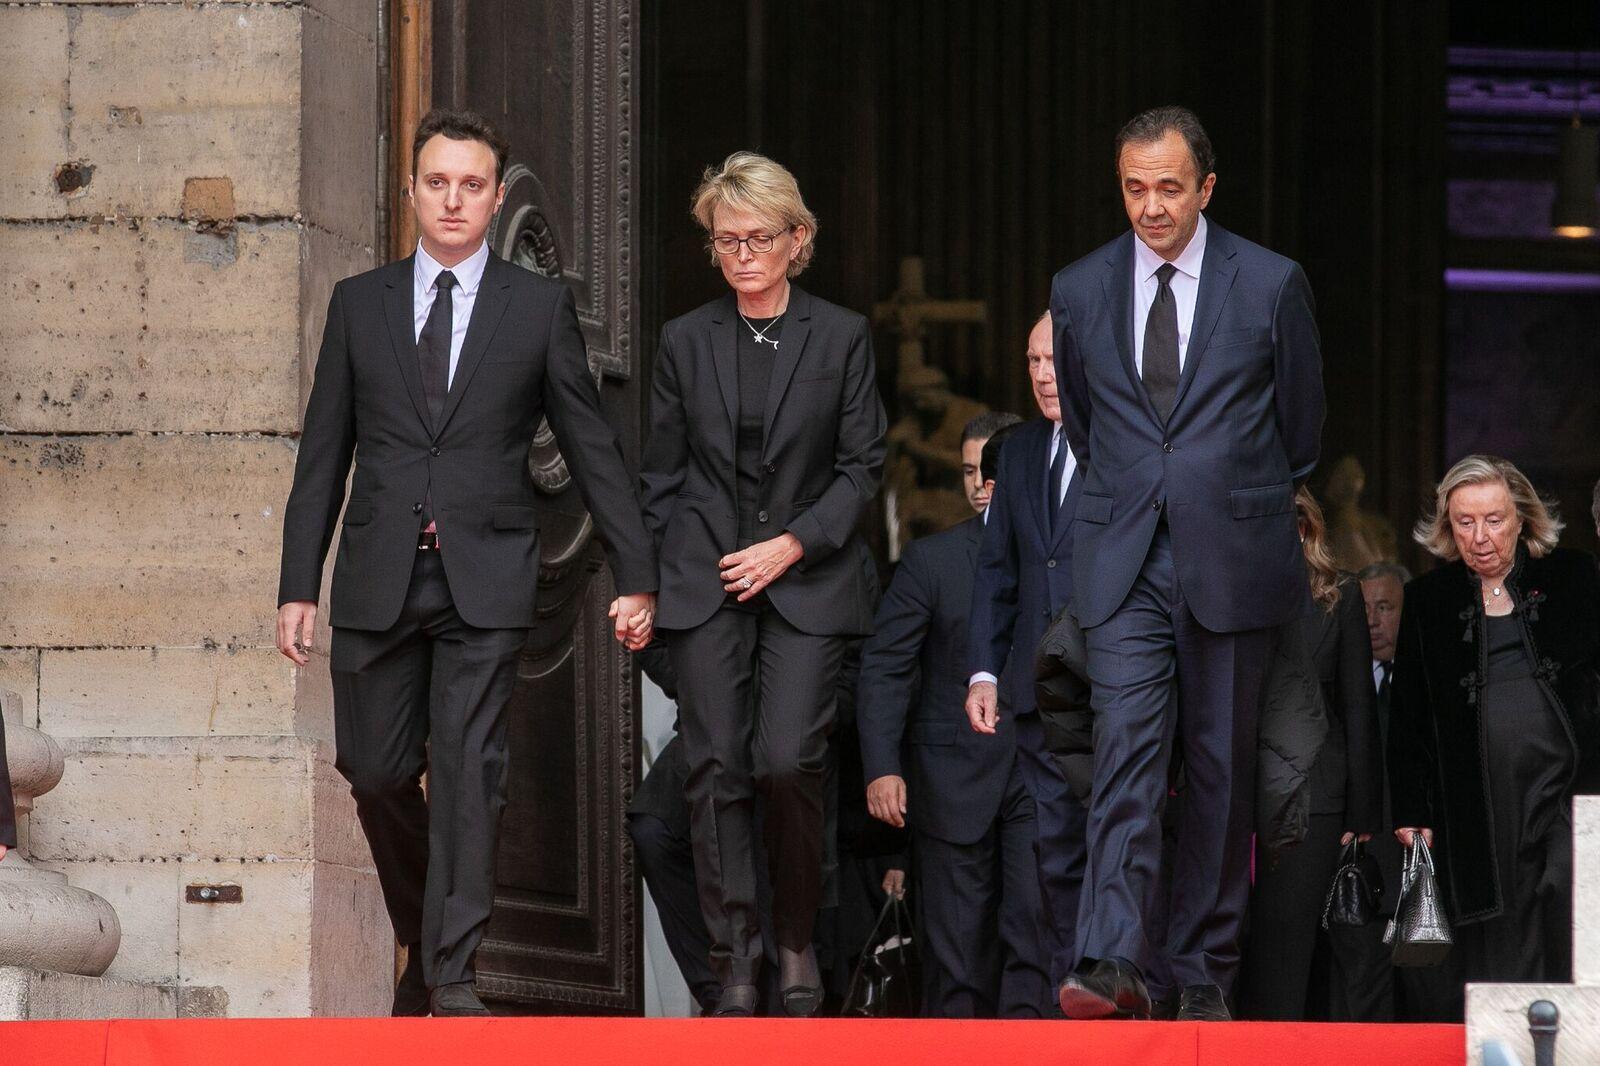 Claude Chirac, fille de l'ancien président français Jacques Chirac, son fils Martin Rey-Chirac et son mari Frédéric Salat-Baroux remercient le public à l'occasion des funérailles de l'ancien président français Jacques Chirac, à Paris. | Photo : GettyImage